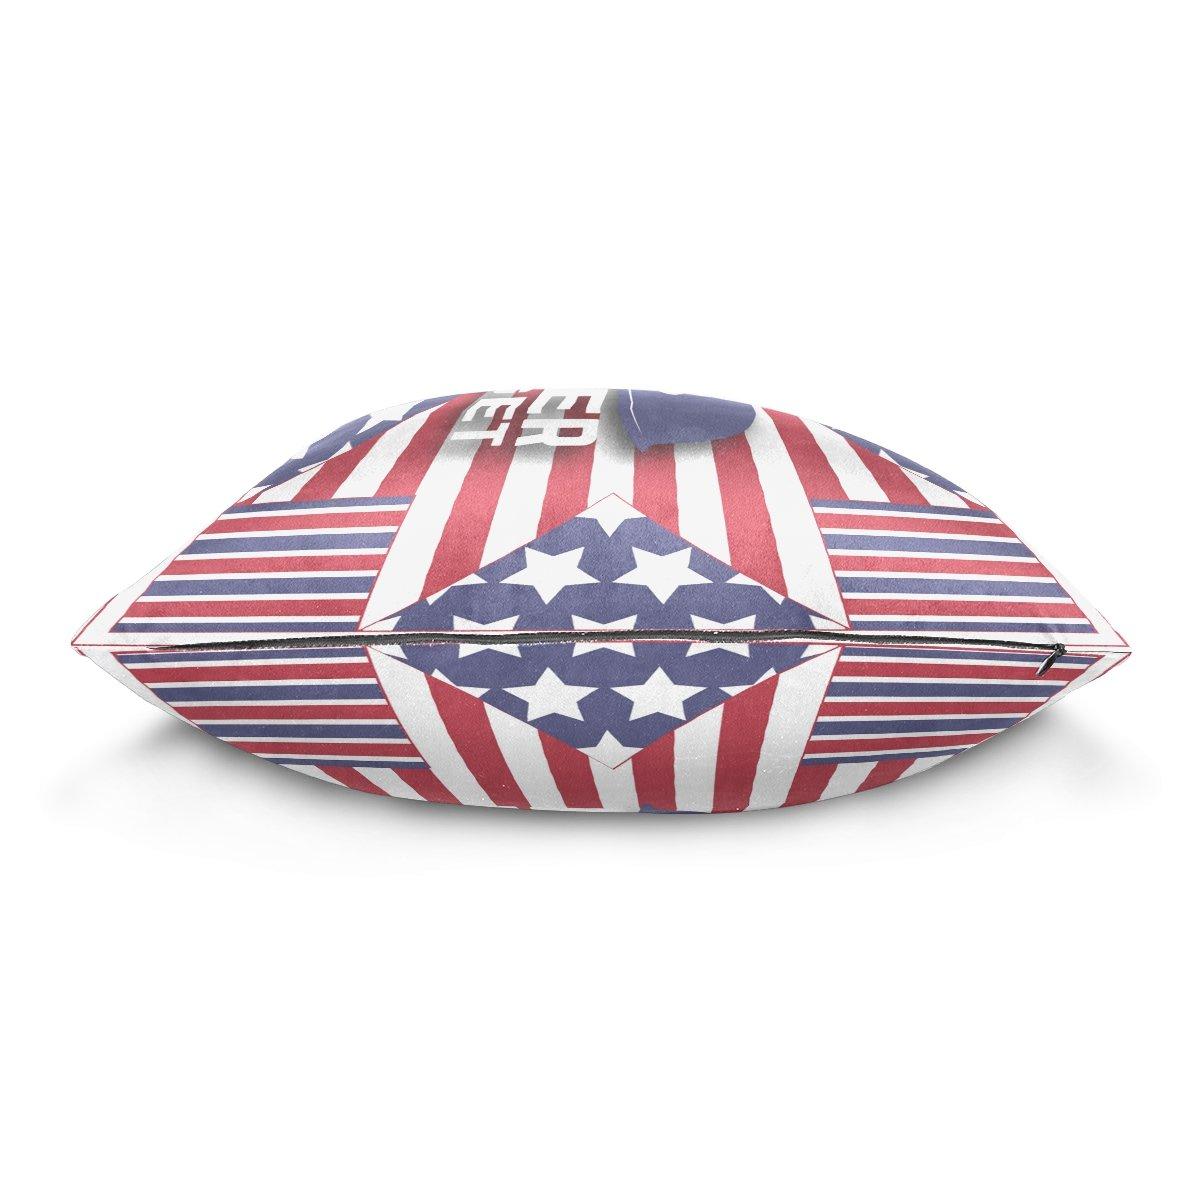 b4516684e727 Amazon.com: LAVOVO HAPPY MEMORIAL DAY EVERYONE Pattern Decorative ...